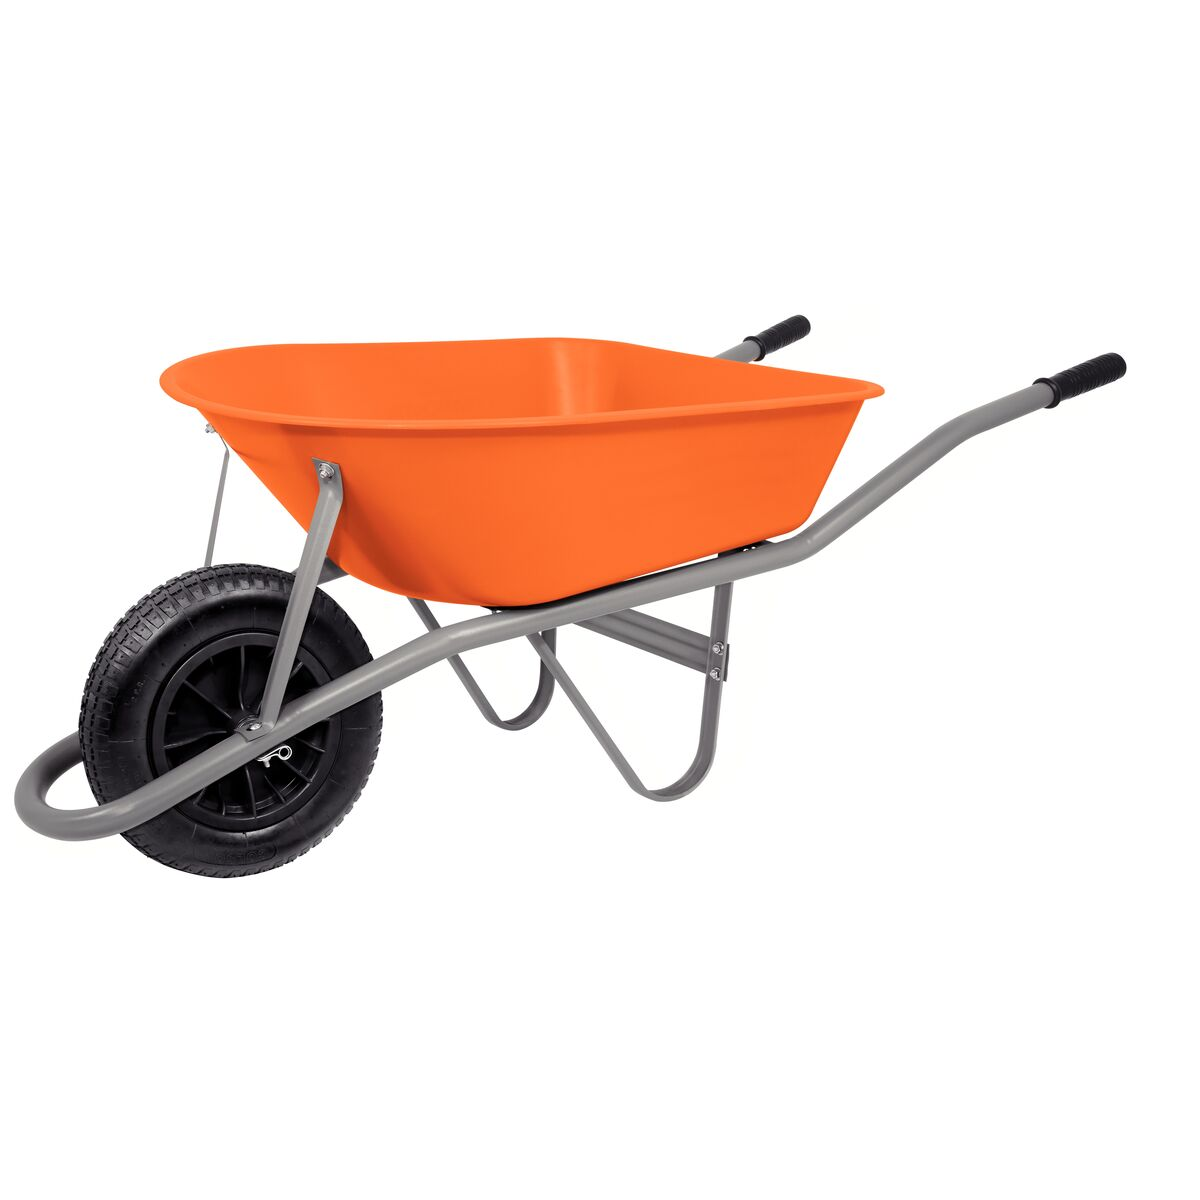 Carretilla de Mano Tramontina con Caja Honda Plástica Naranja 55 L, Brazo Metálico e Llanta con Cámara